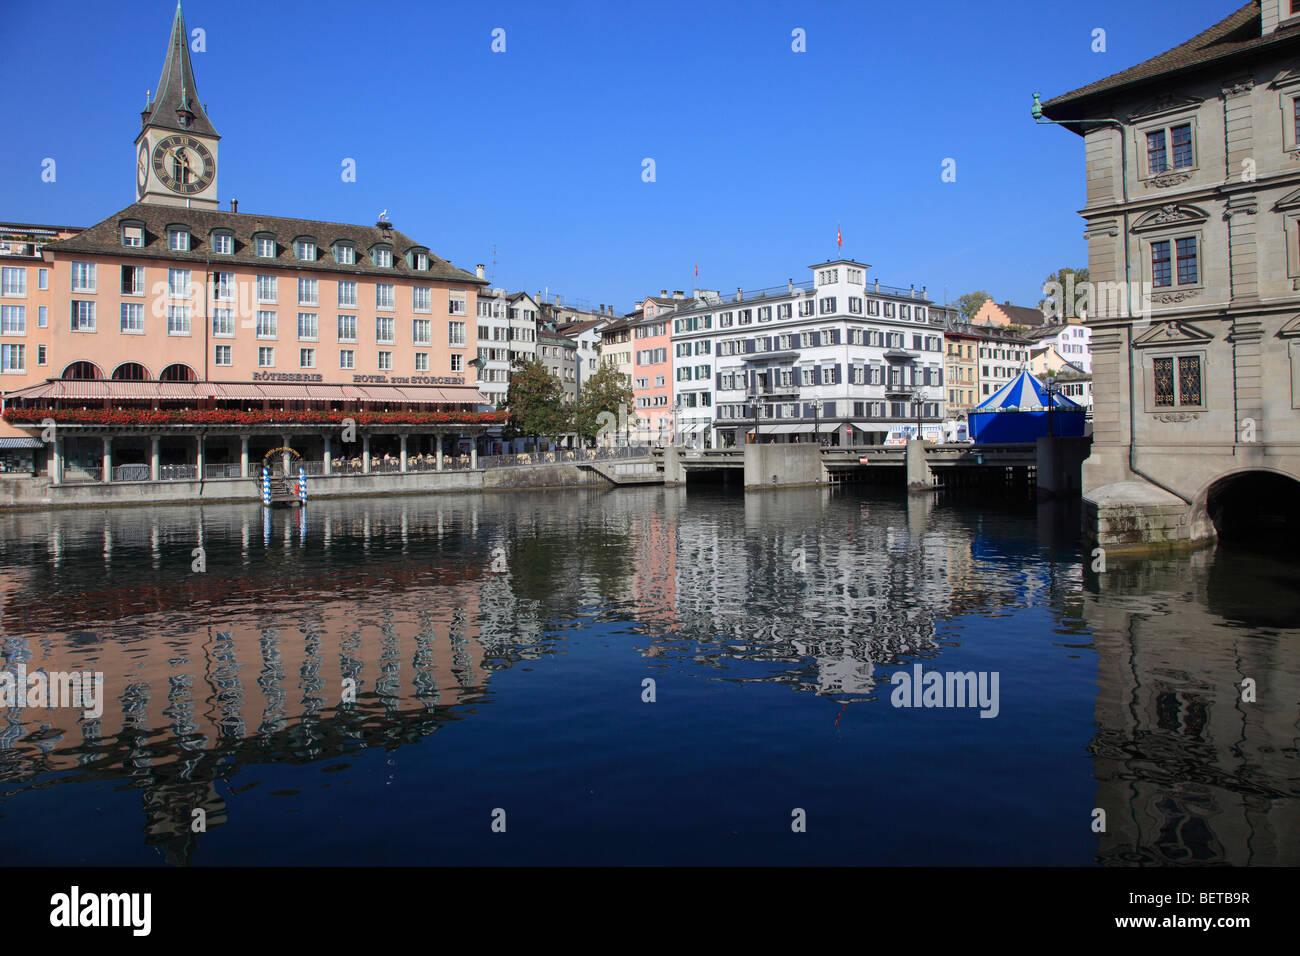 Switzerland, Zurich, skyline, general view, Limmat river - Stock Image